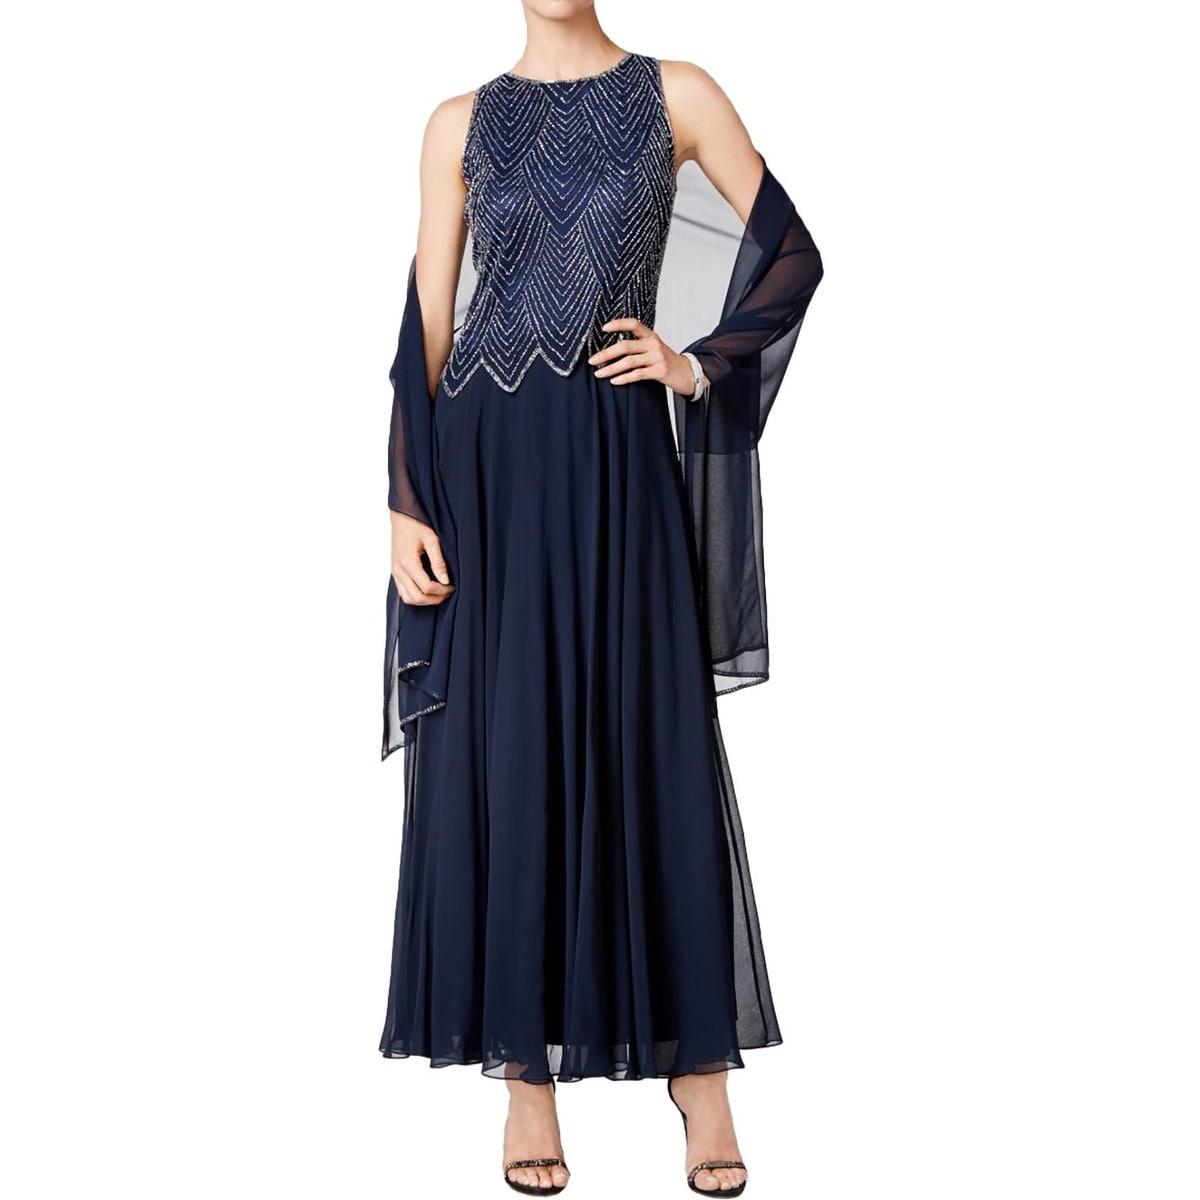 Shop J Kara Womens Evening Dress 2PC Chiffon - Free Shipping Today ...